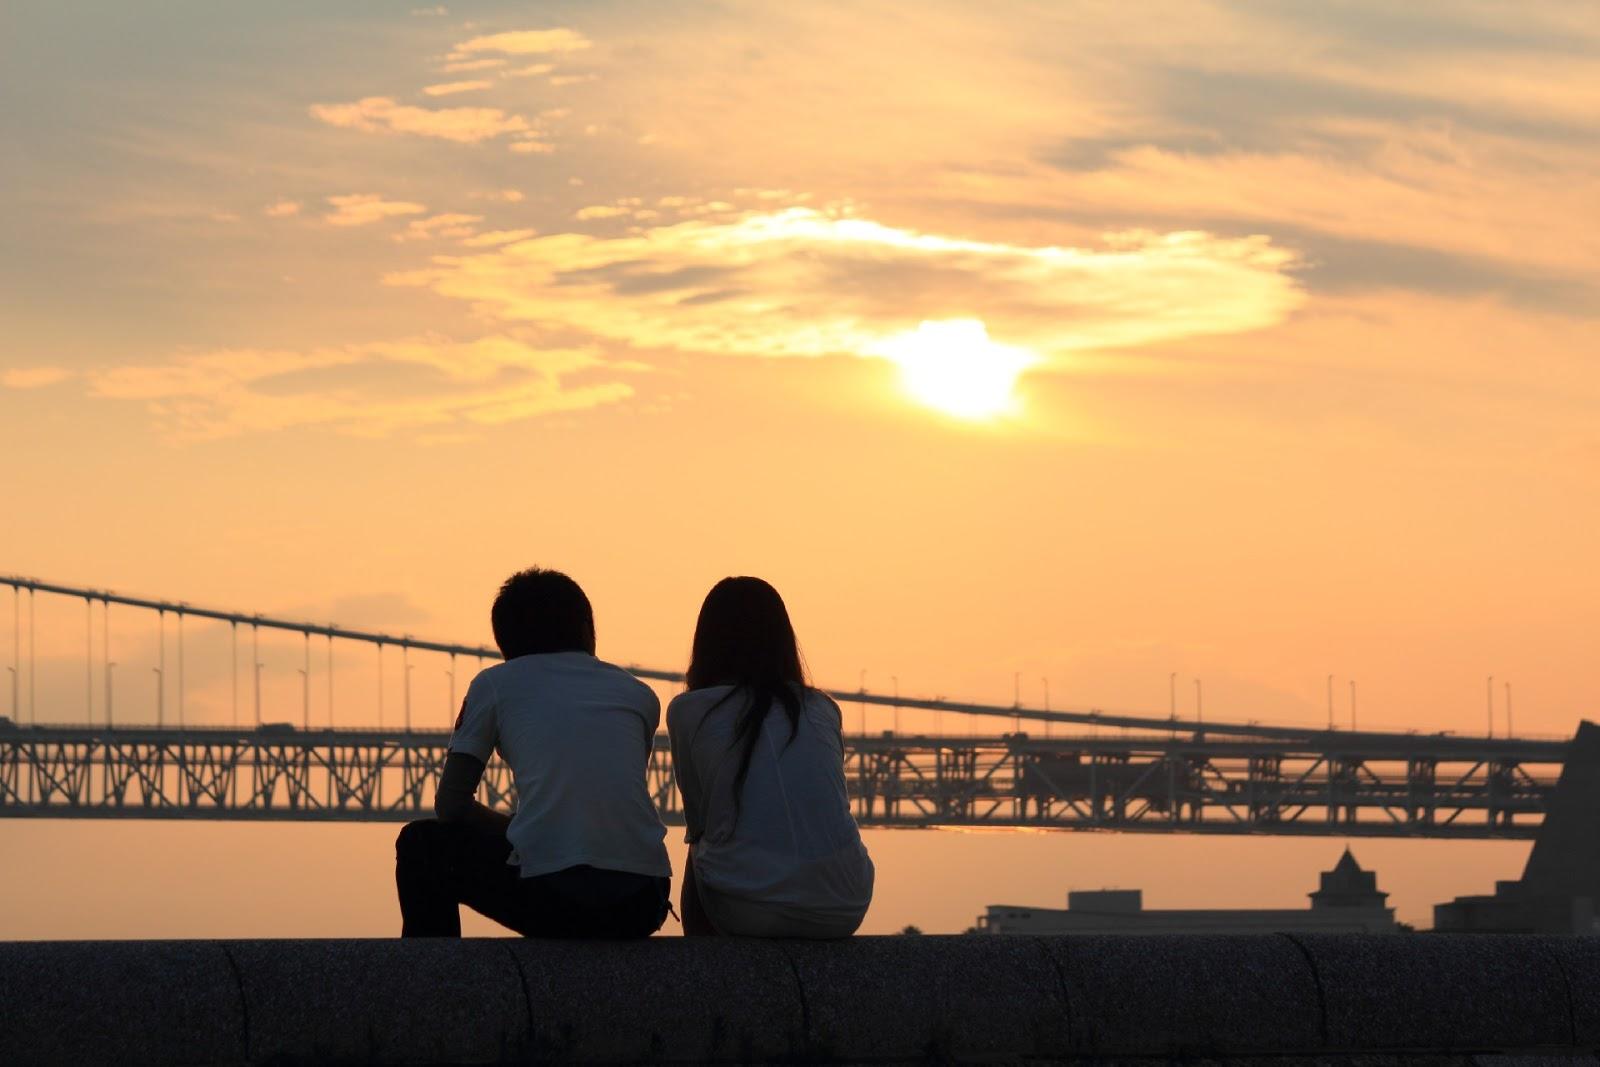 君の名はを見て恋愛したくなるような恋愛アニメ10選!